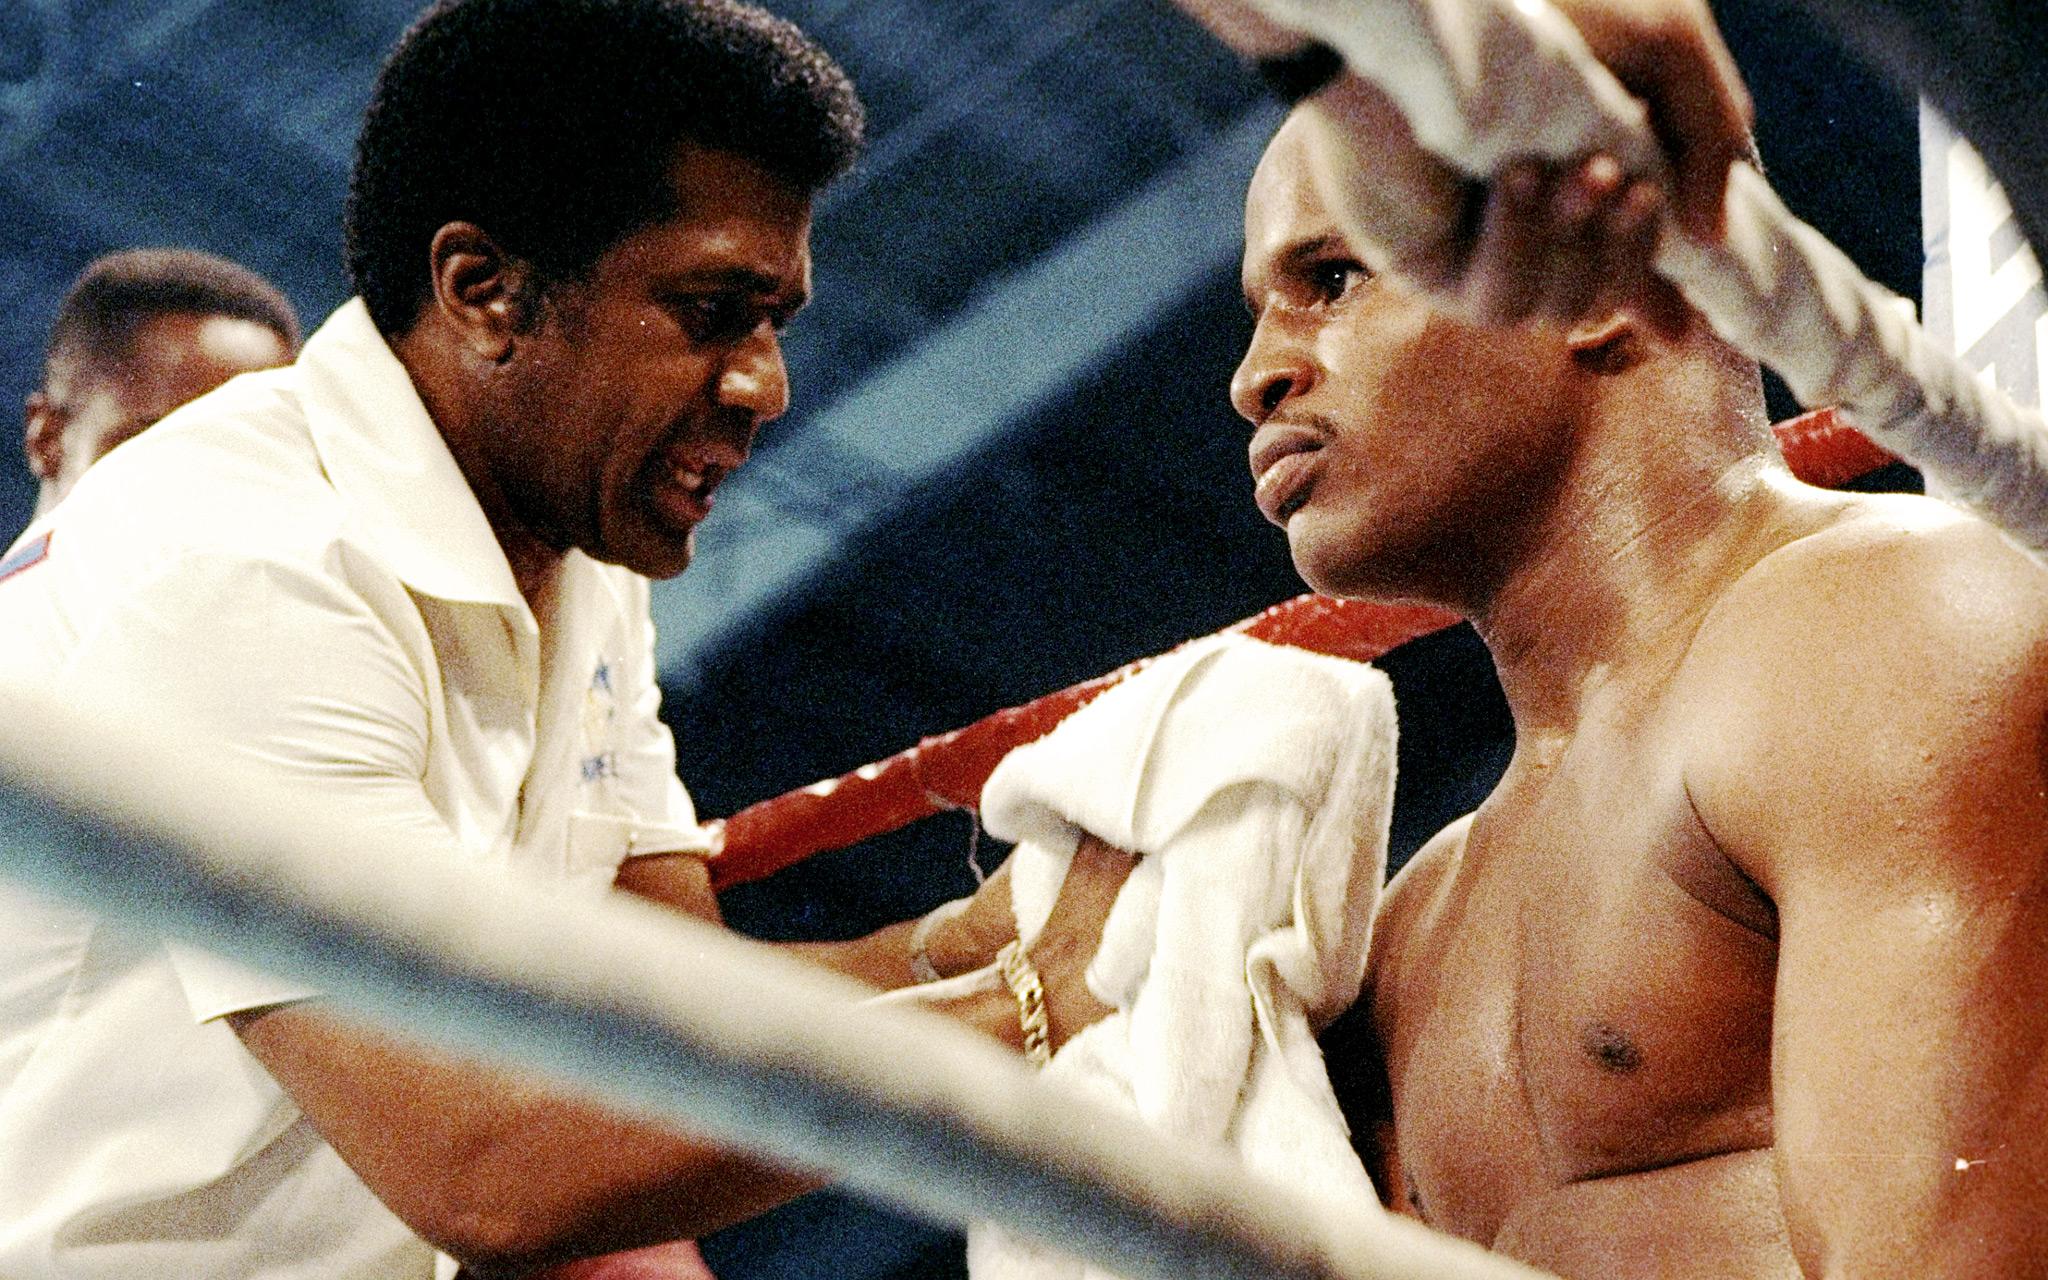 May 15, 1992: Moorer vs Cooper